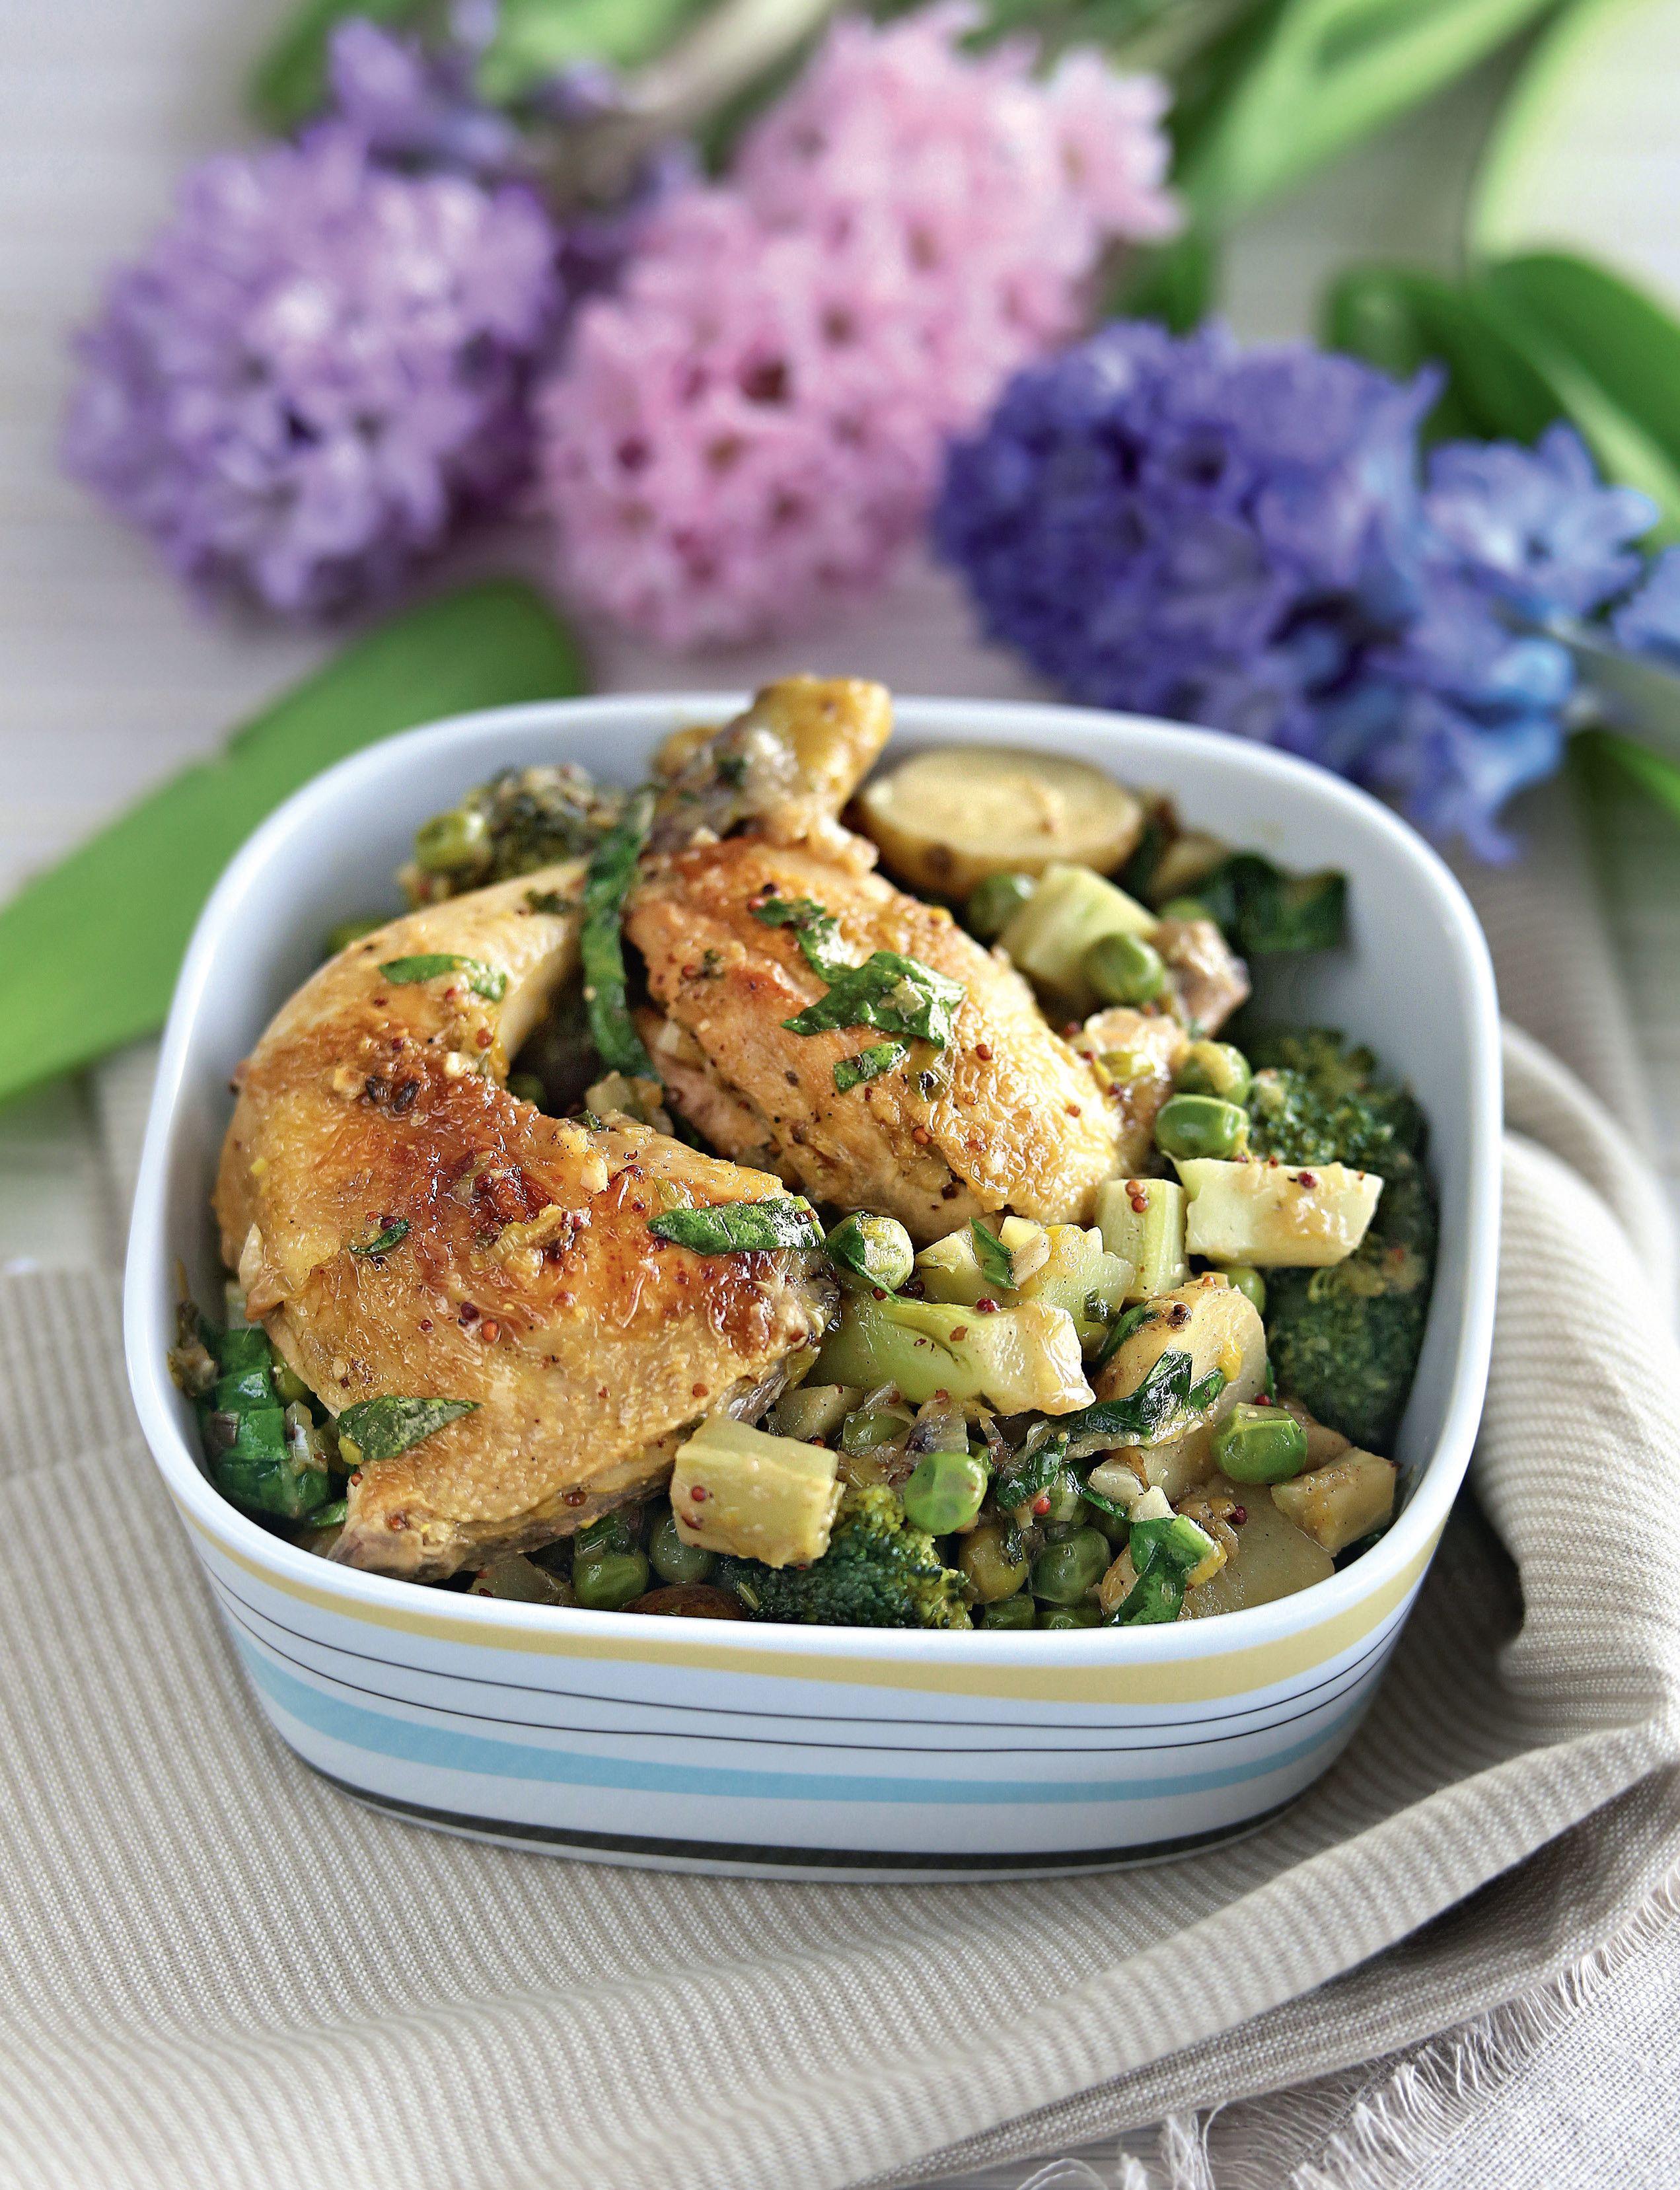 диетические вторые блюда рецепты с фото другой стороны